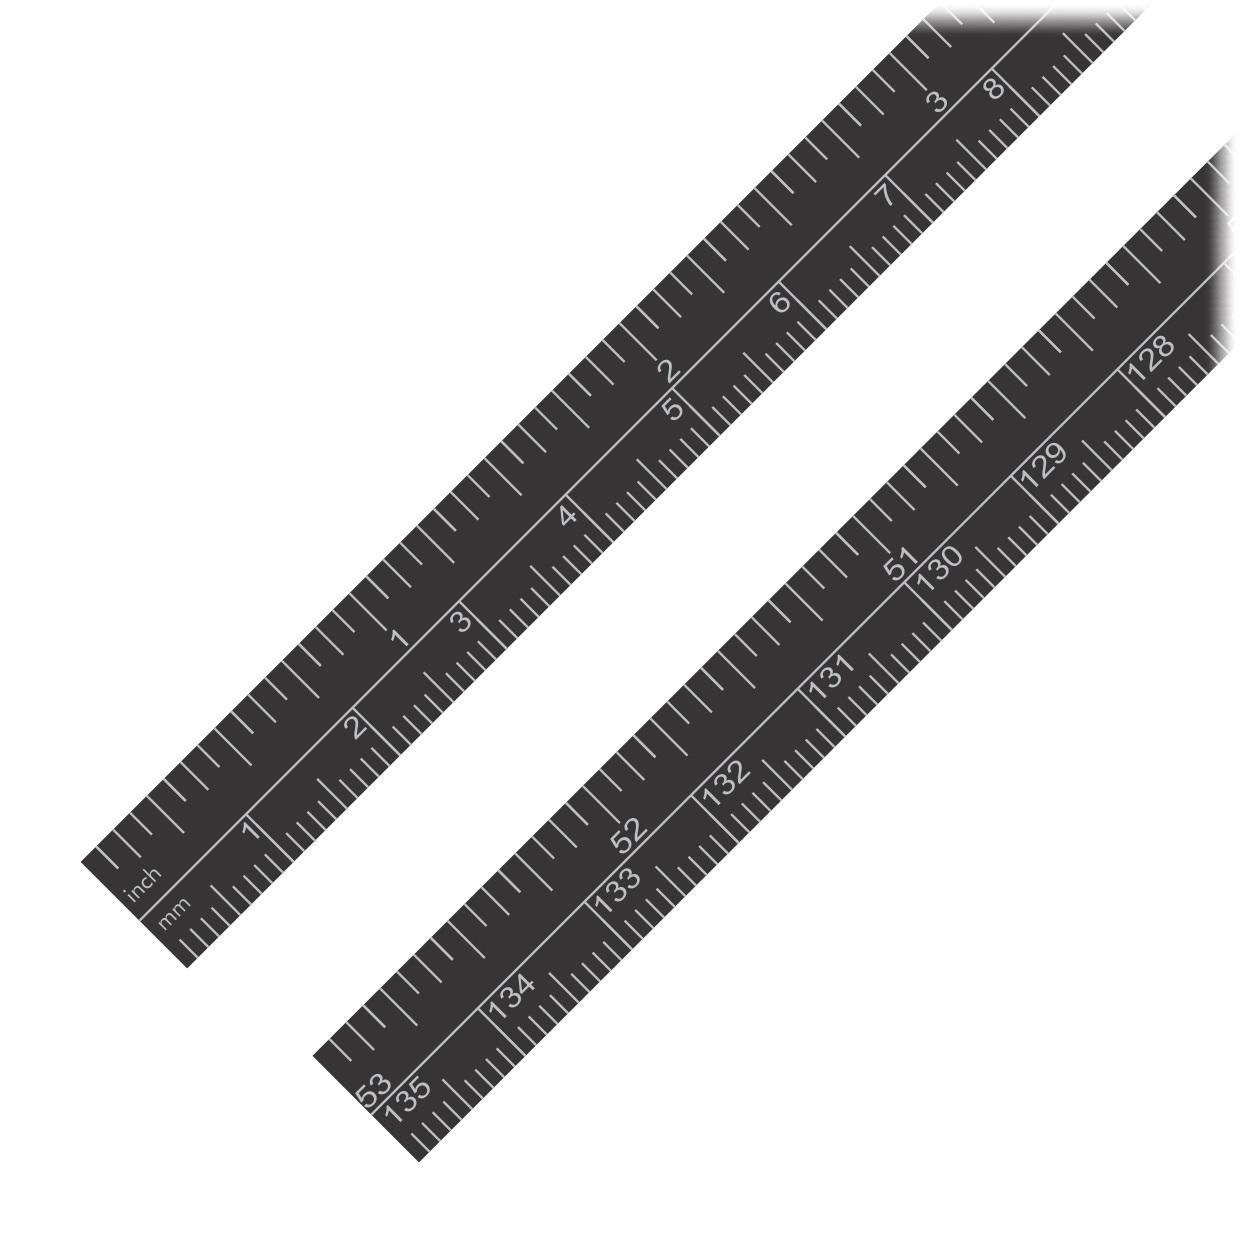 Fita Métrica Adesiva 135cm (1 Numeração Normal e 1 Numeração Invertida) - 2 Unidades